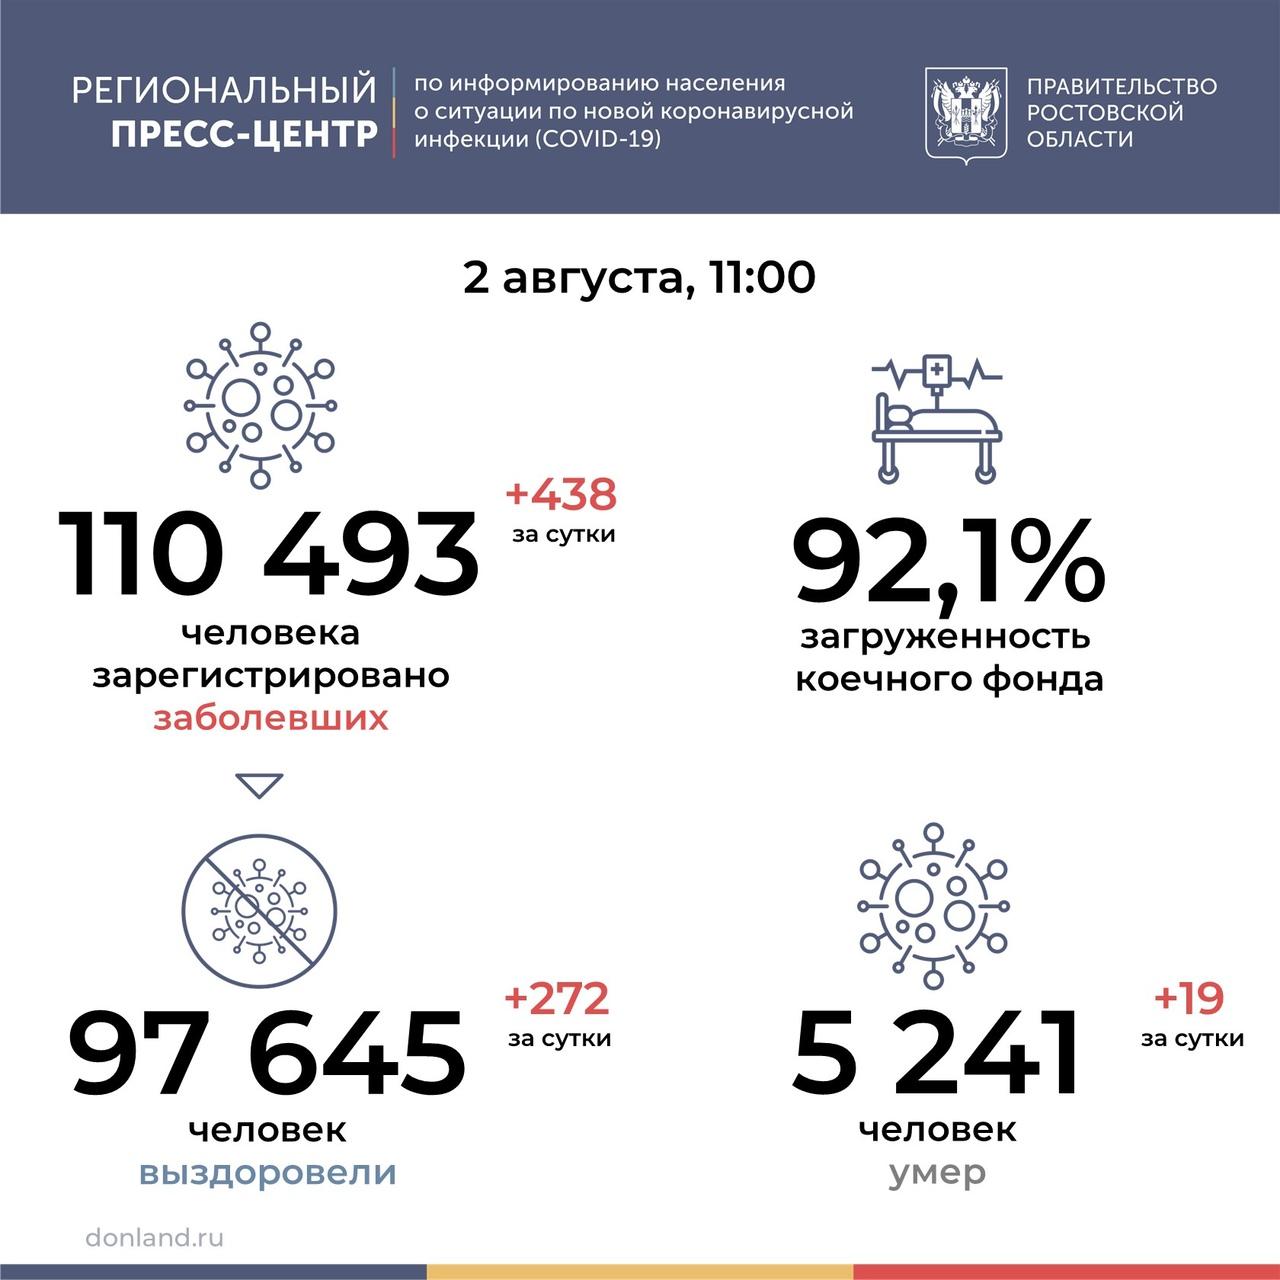 На Дону от COVID-19 за сутки умерли 19 человек